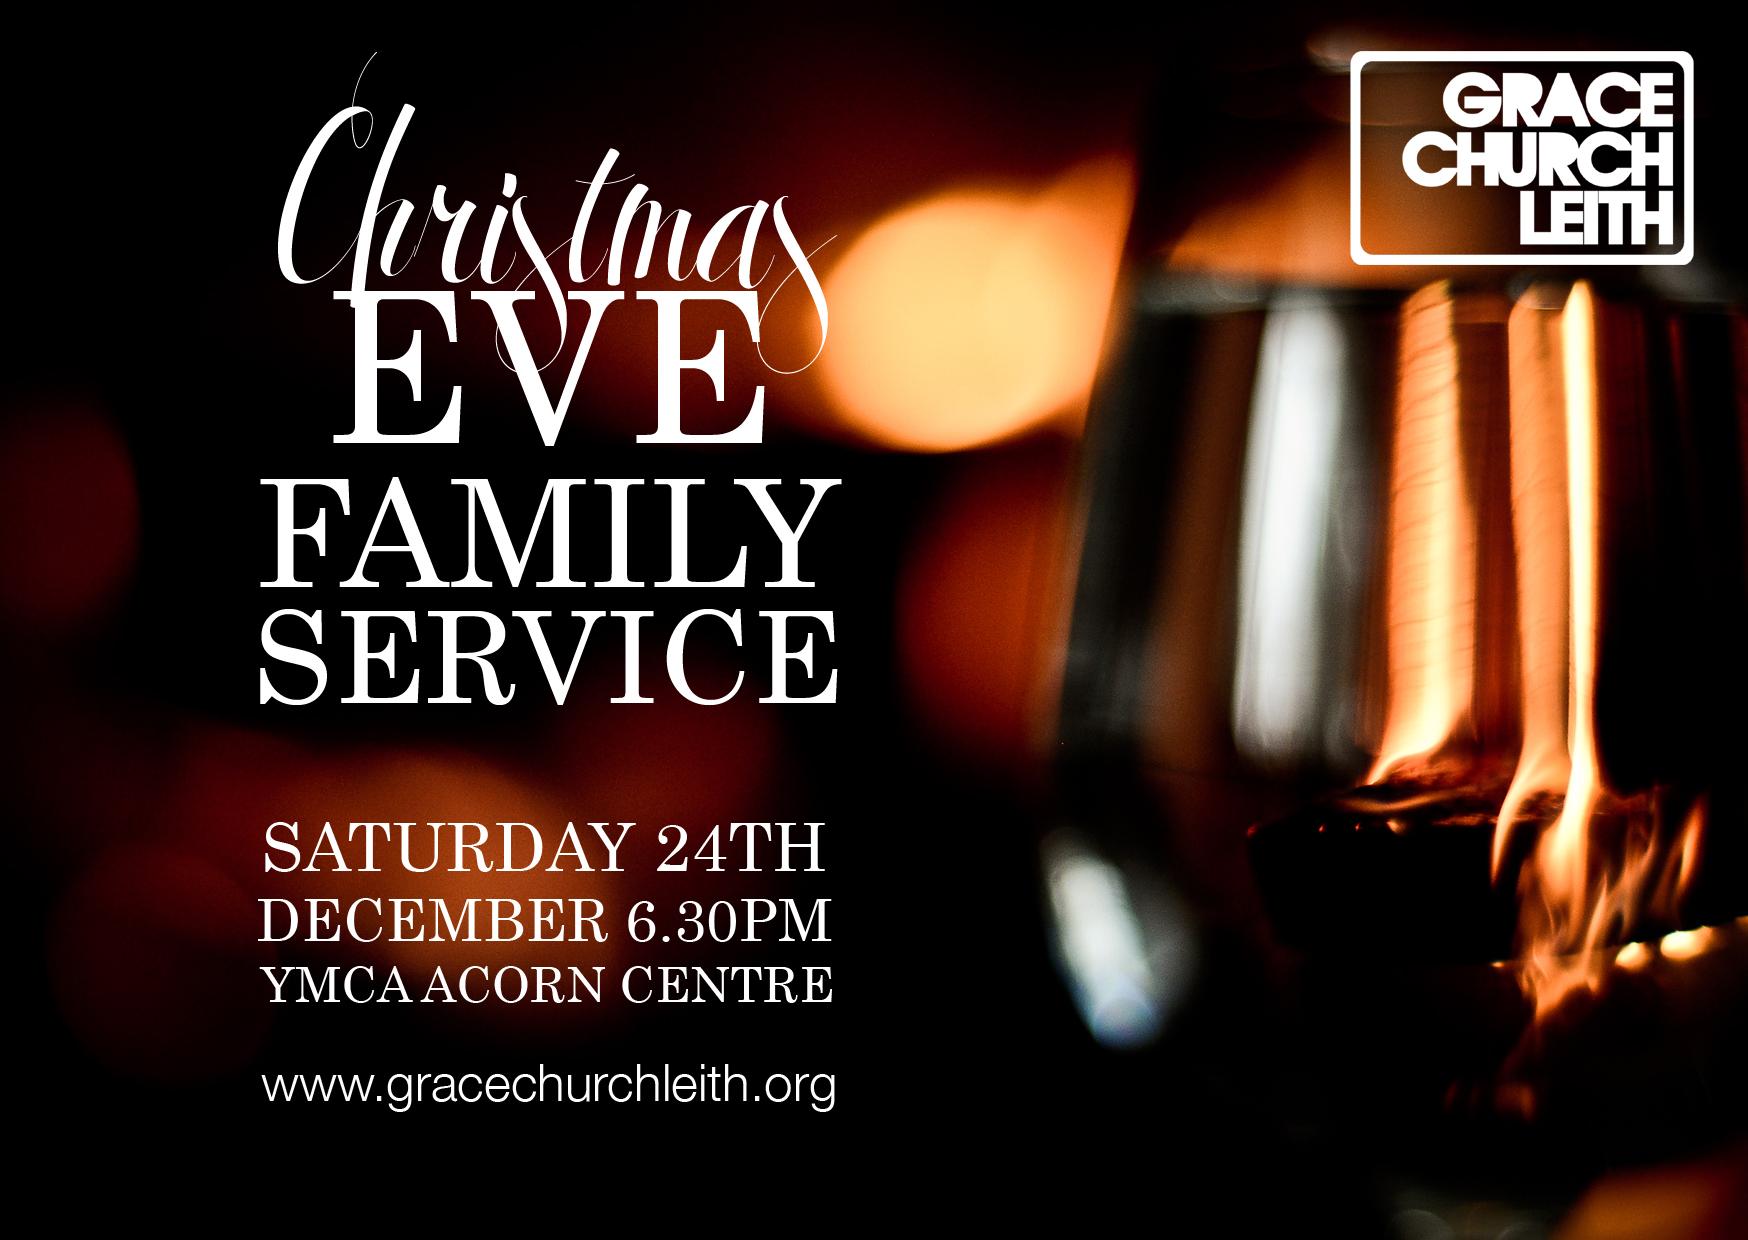 Christmas Eve Family Service: Grace Church Leith, Edinburgh 2016